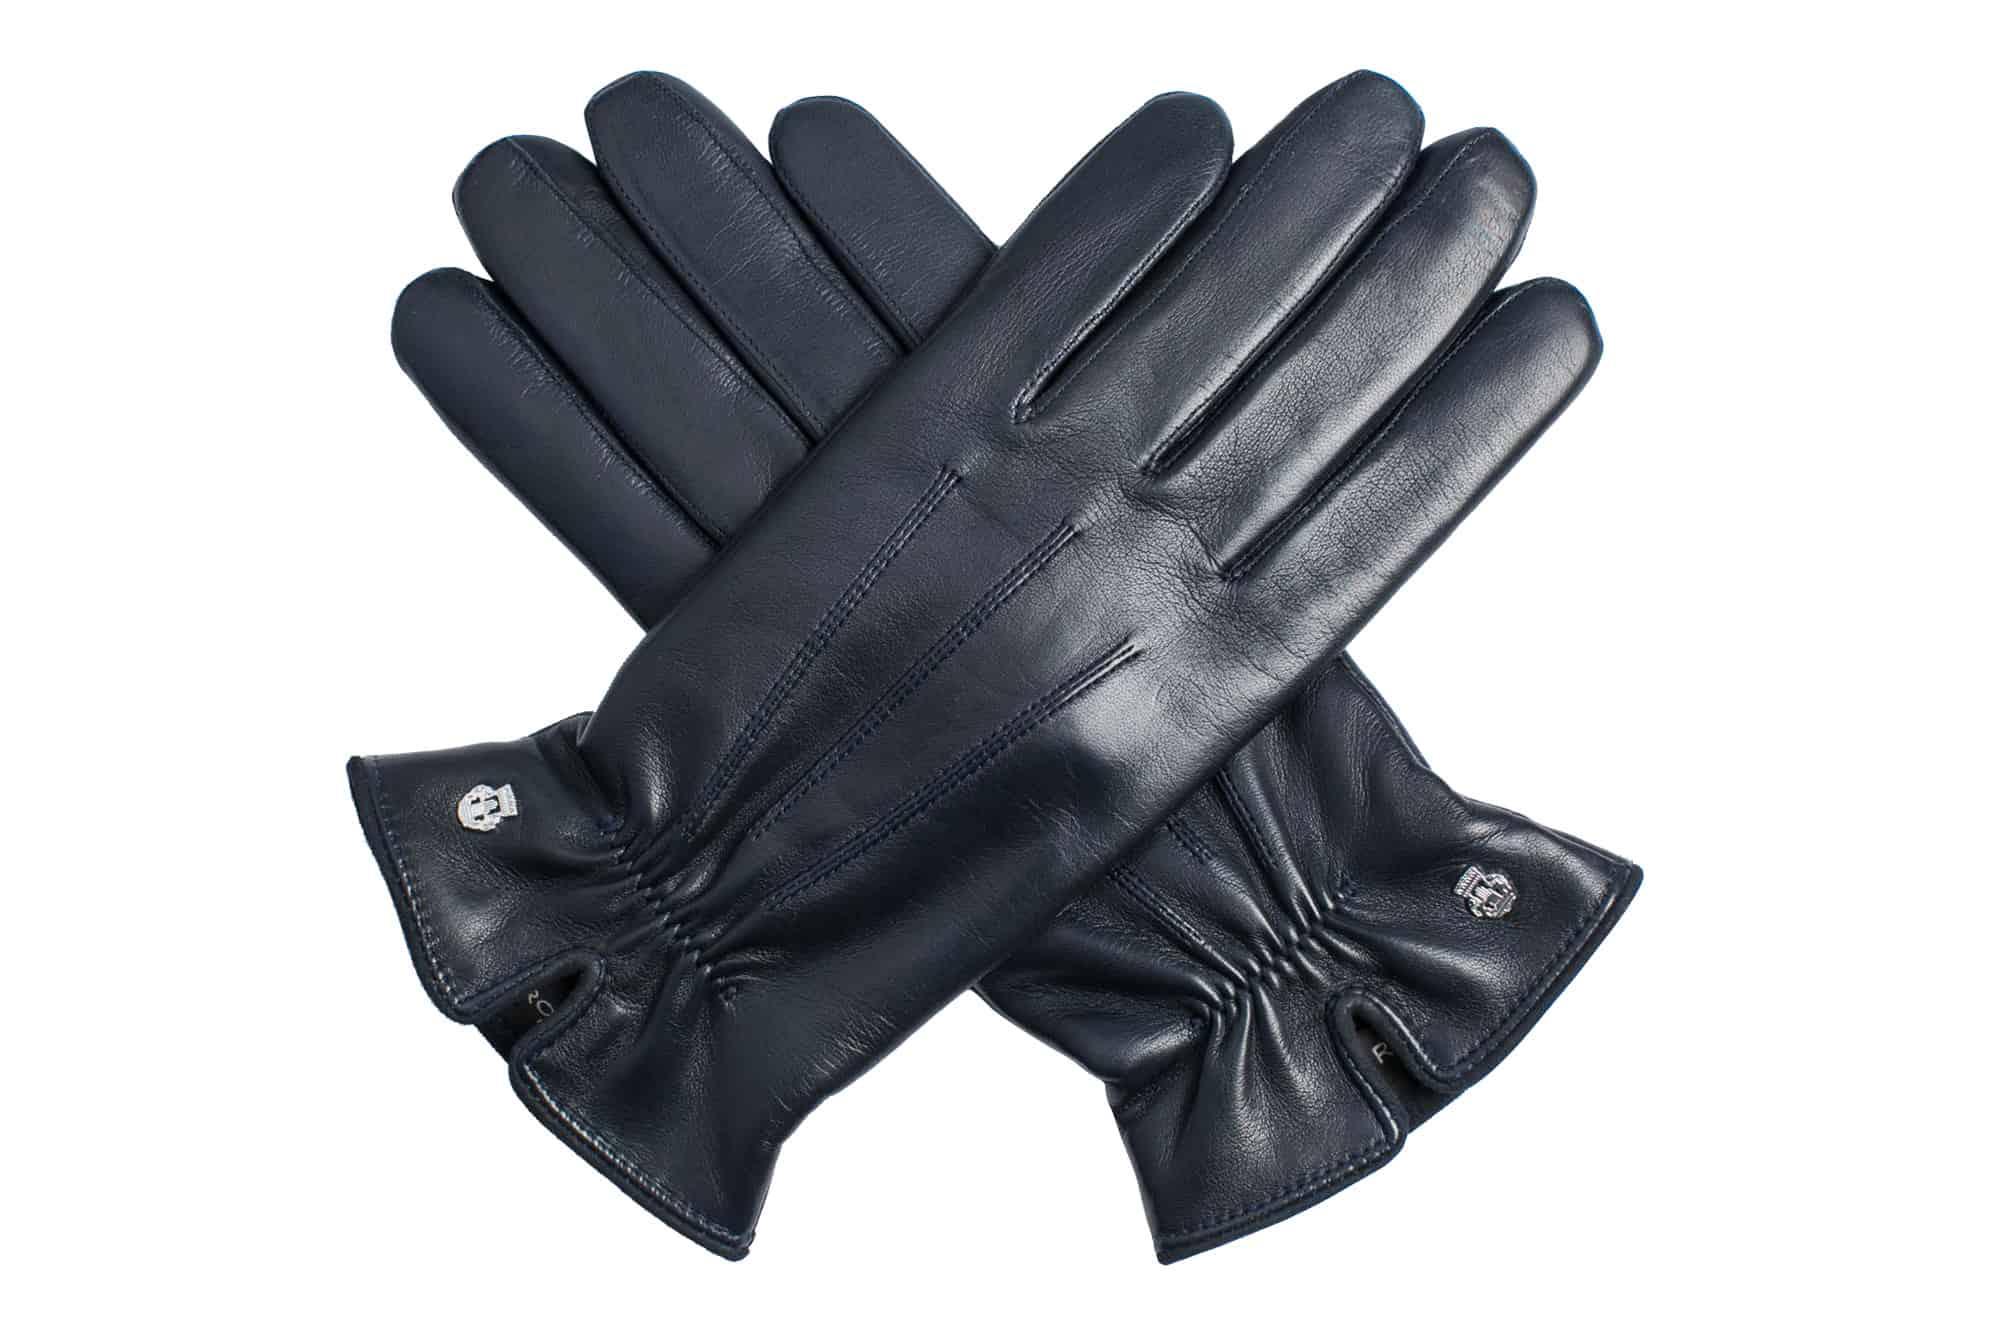 Eksklusive Roeckl-hansker til dame i lammeskinn 13011, marine blå, oversiden av hanskene, i kryss